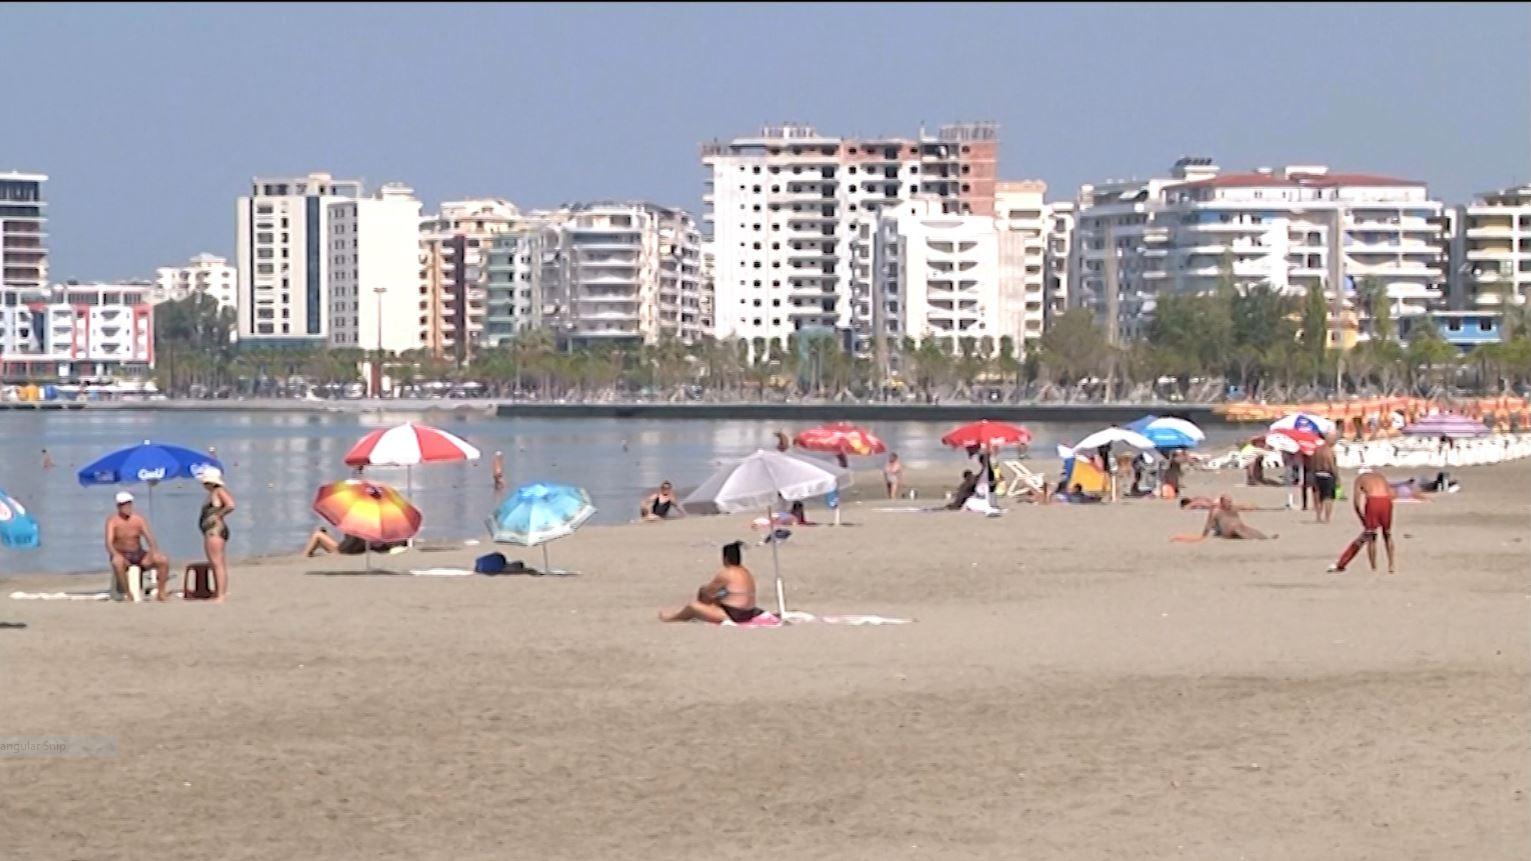 Shumë pushues të huaj në Vlorë: Shtatori ideal për plazh